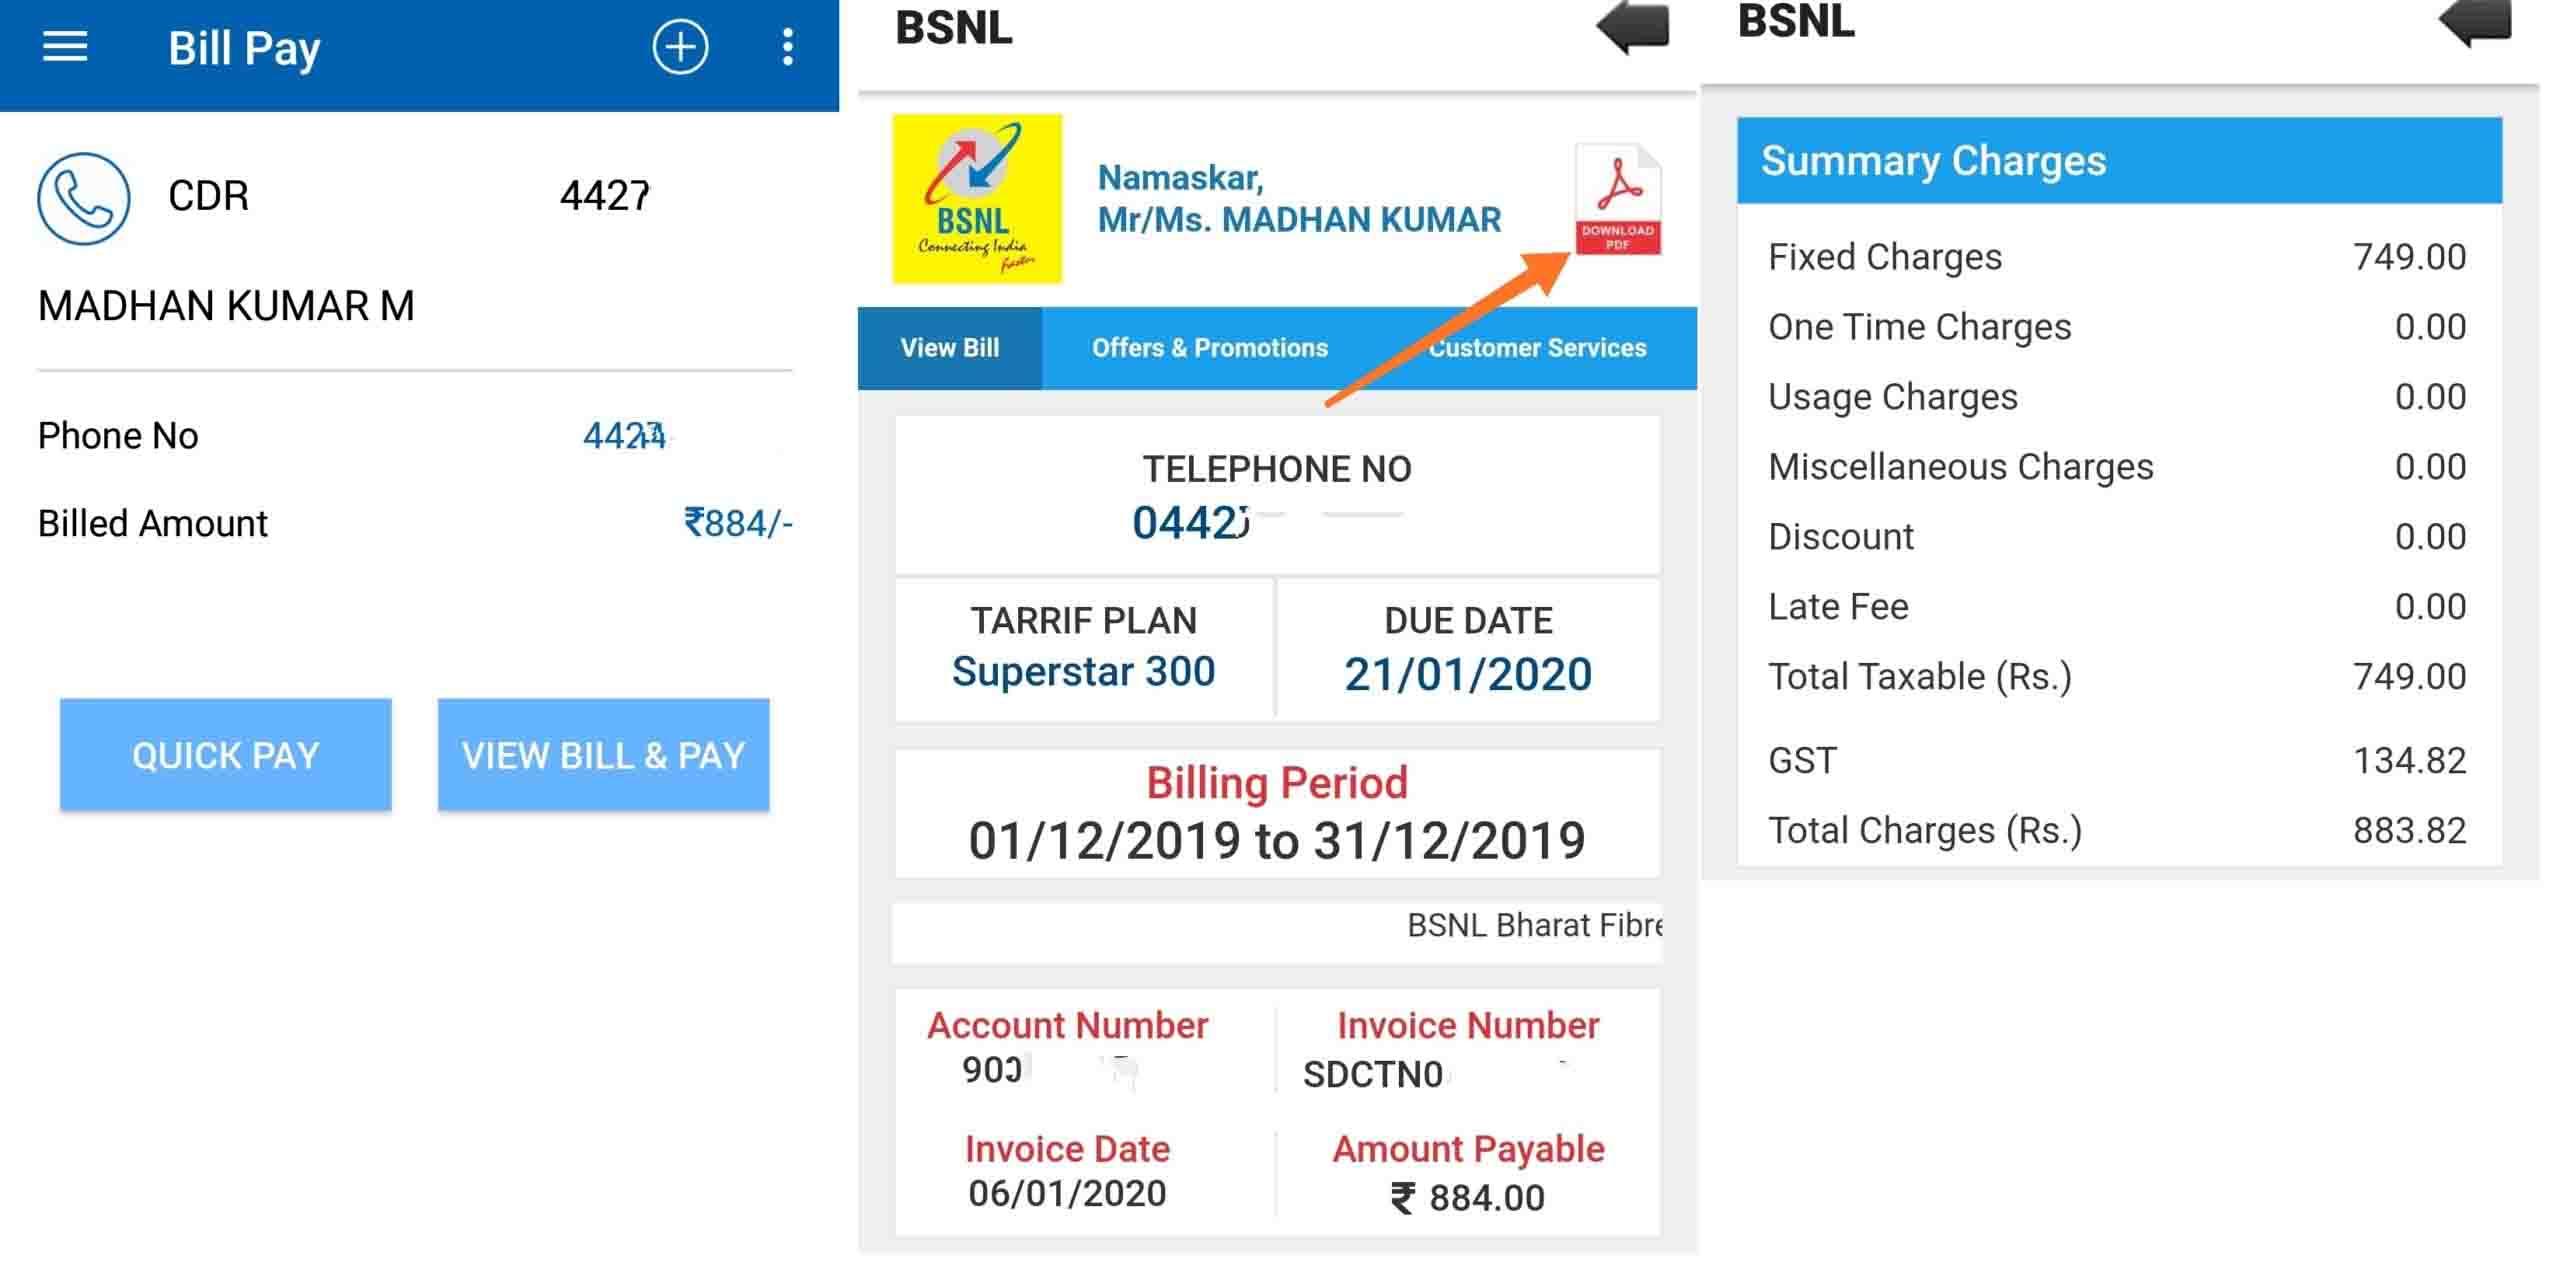 BSNL Digital Bill MYBSNL app